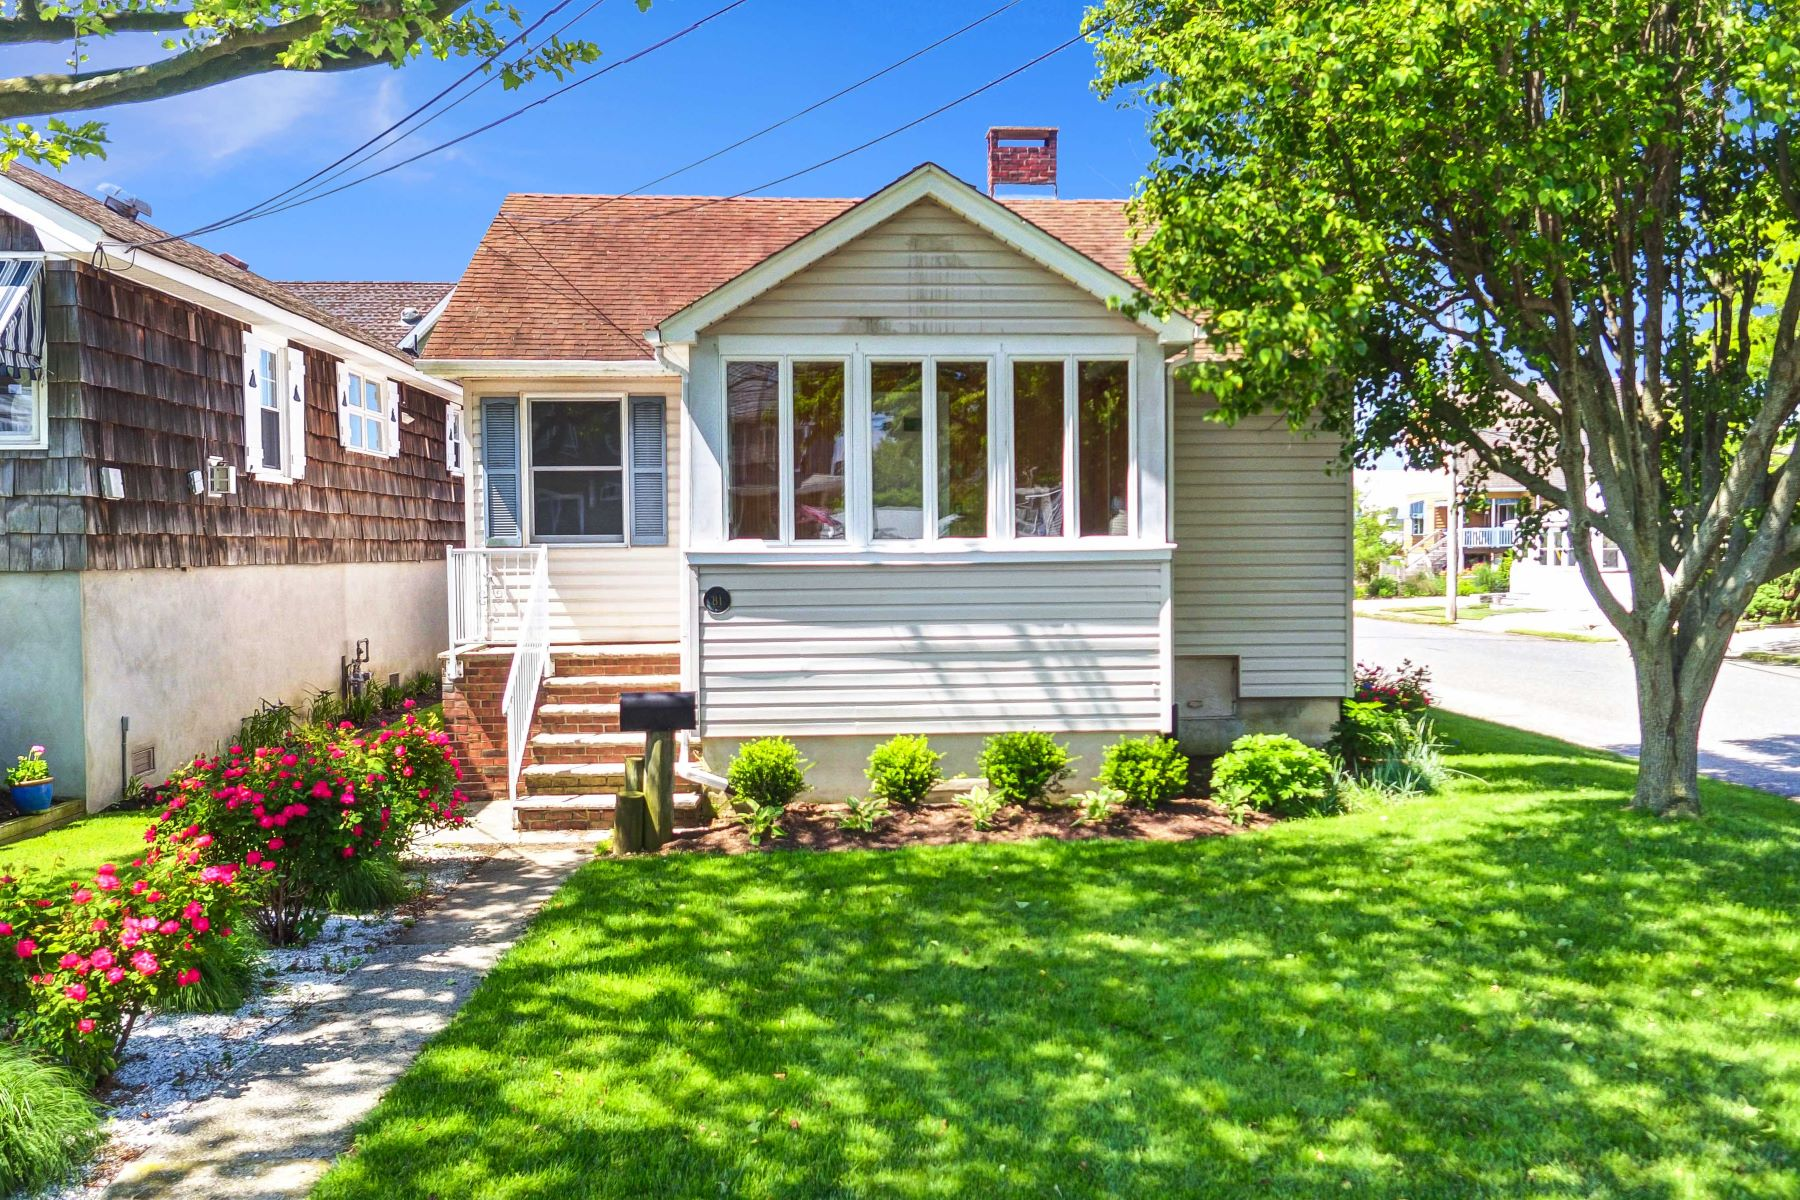 단독 가정 주택 용 매매 에 Manasquan Beach House 81 Rogers Ave Manasquan, 뉴저지, 08736 미국